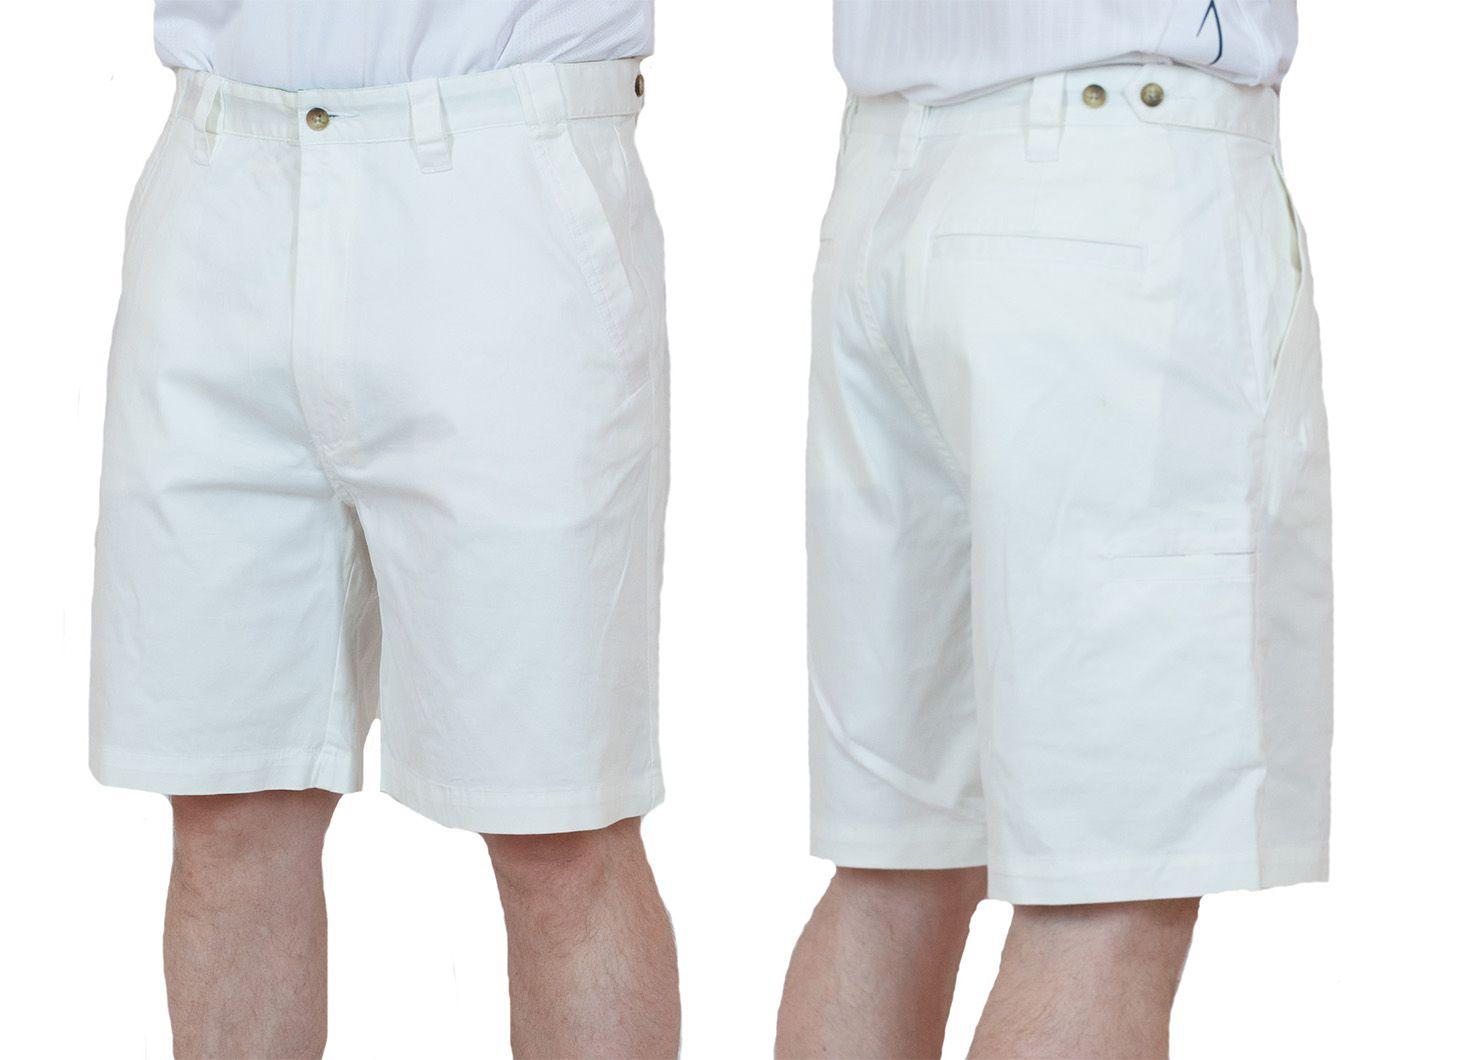 Заказать белые мужские шорты для летнего отпуска